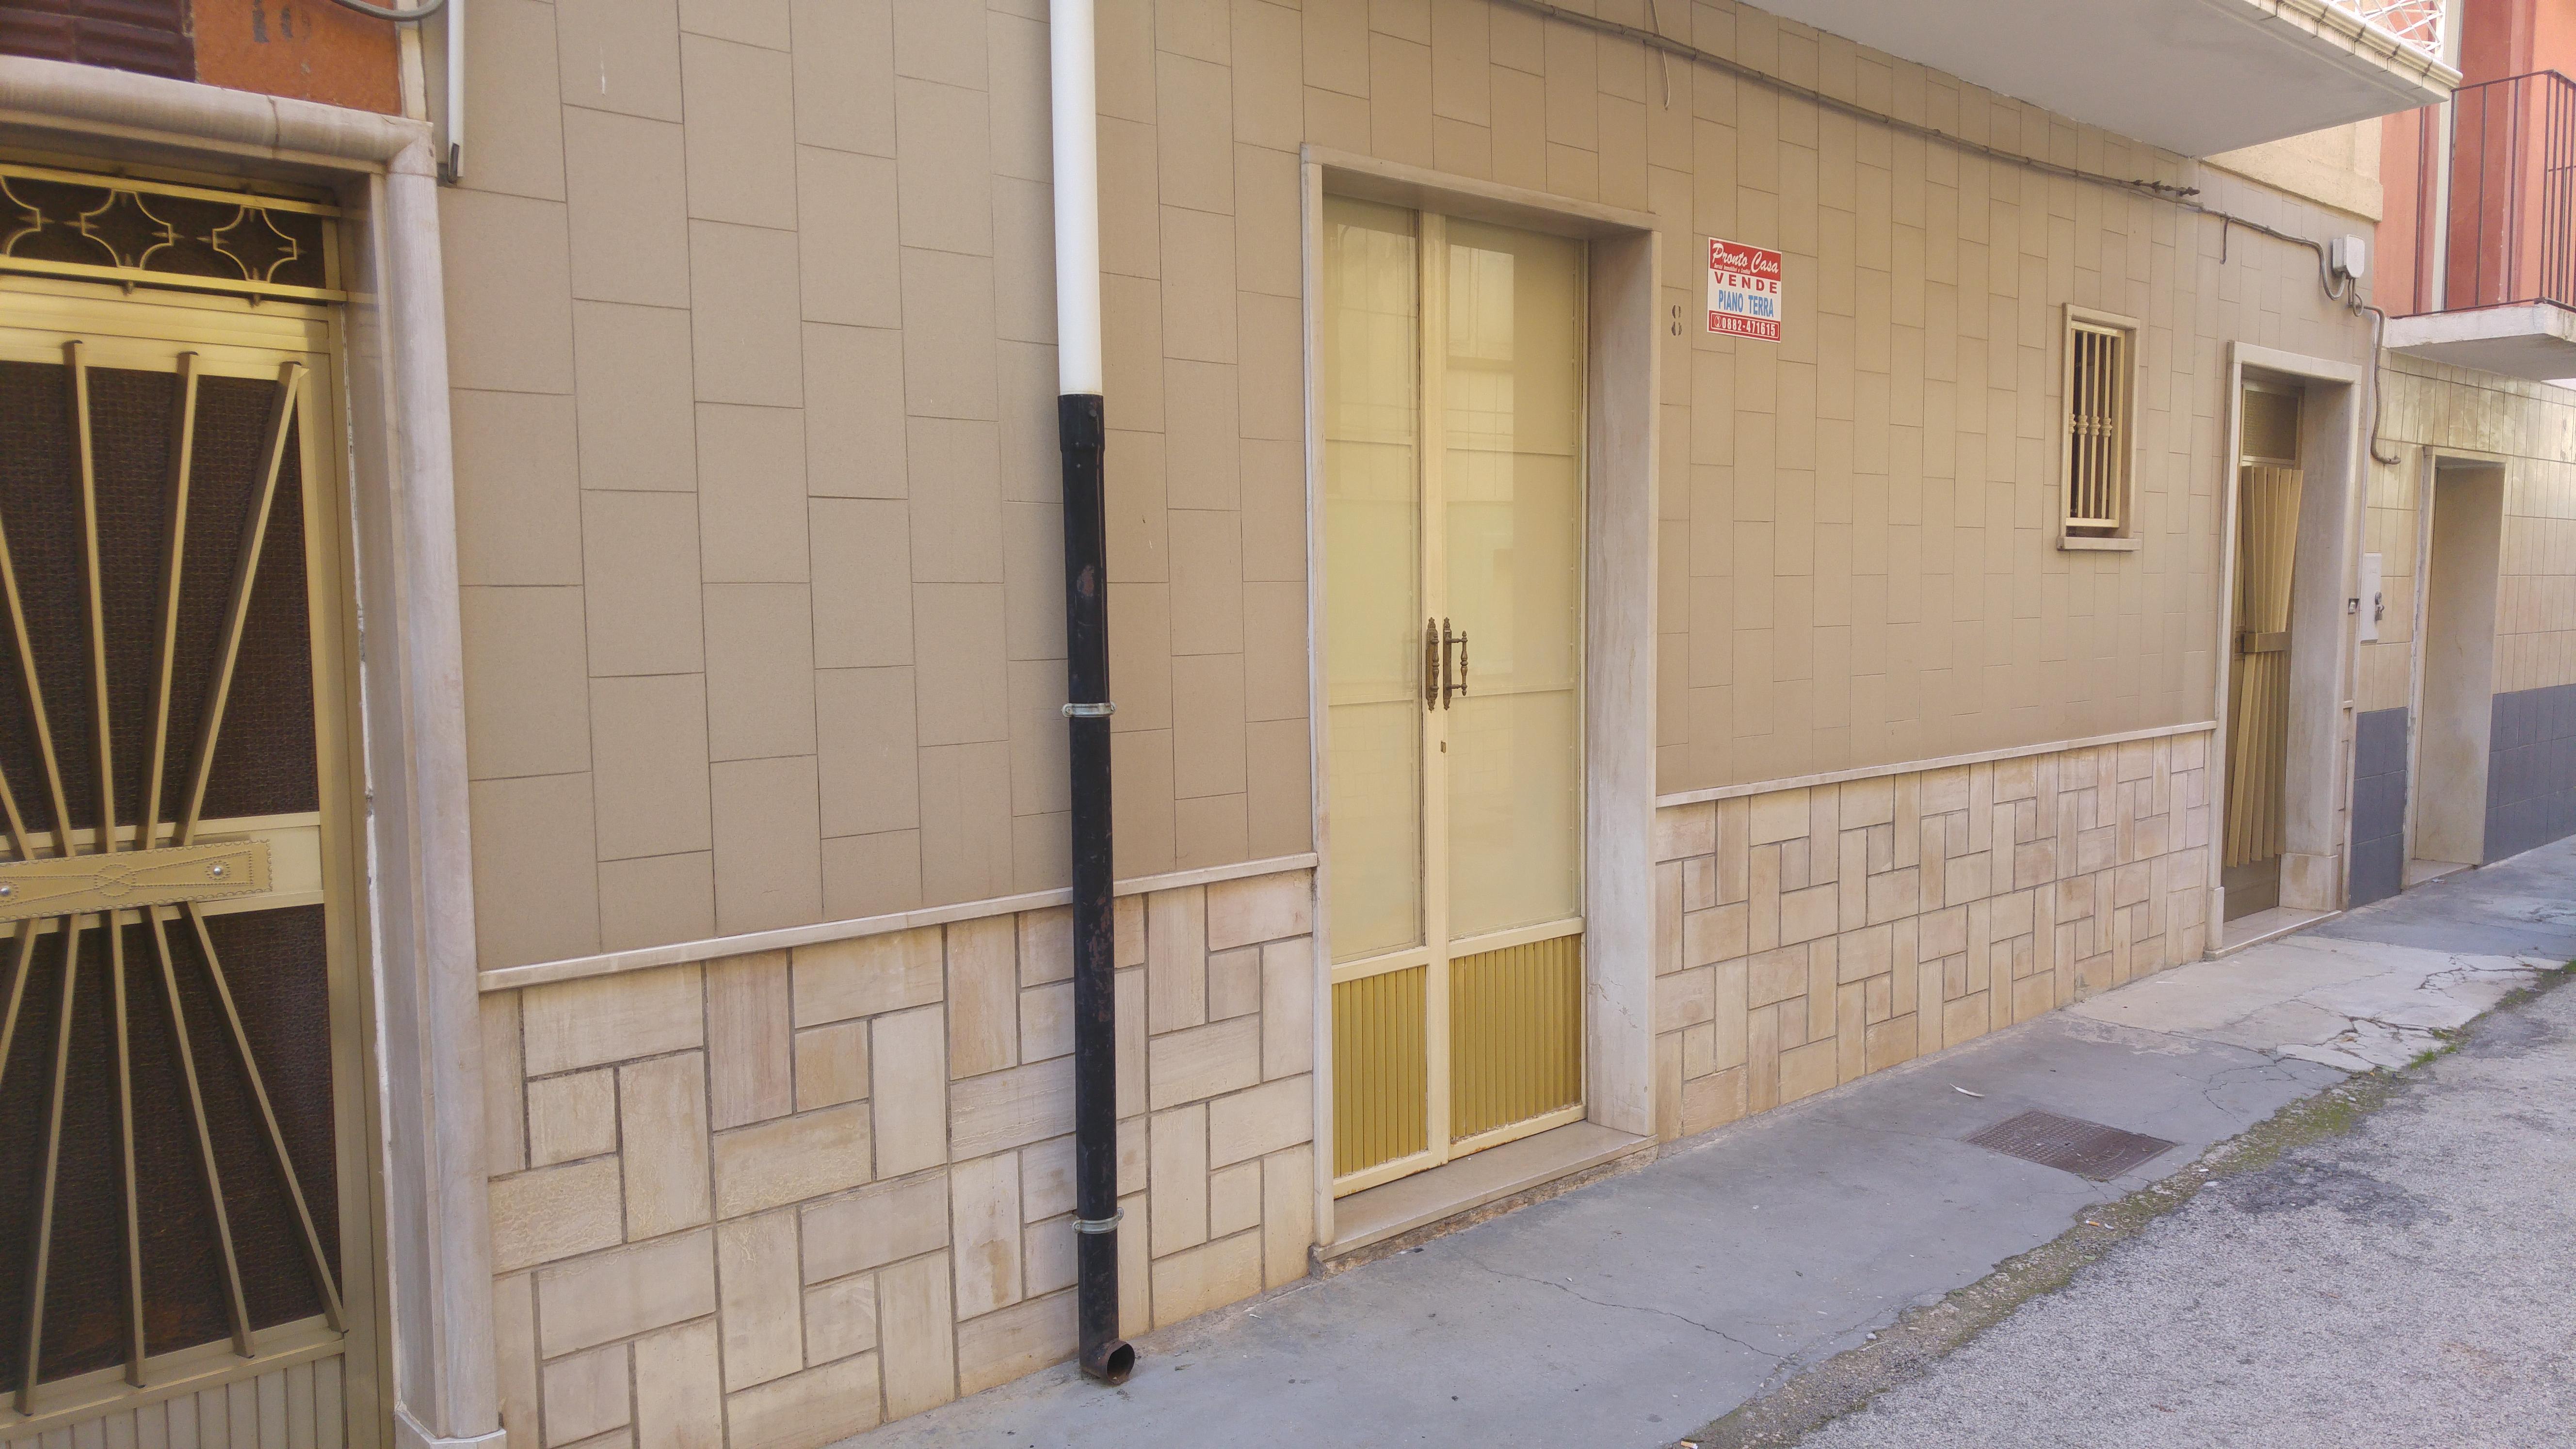 Appartamento in vendita a San Nicandro Garganico, 2 locali, zona Località: STAZIONE, prezzo € 15.000   CambioCasa.it